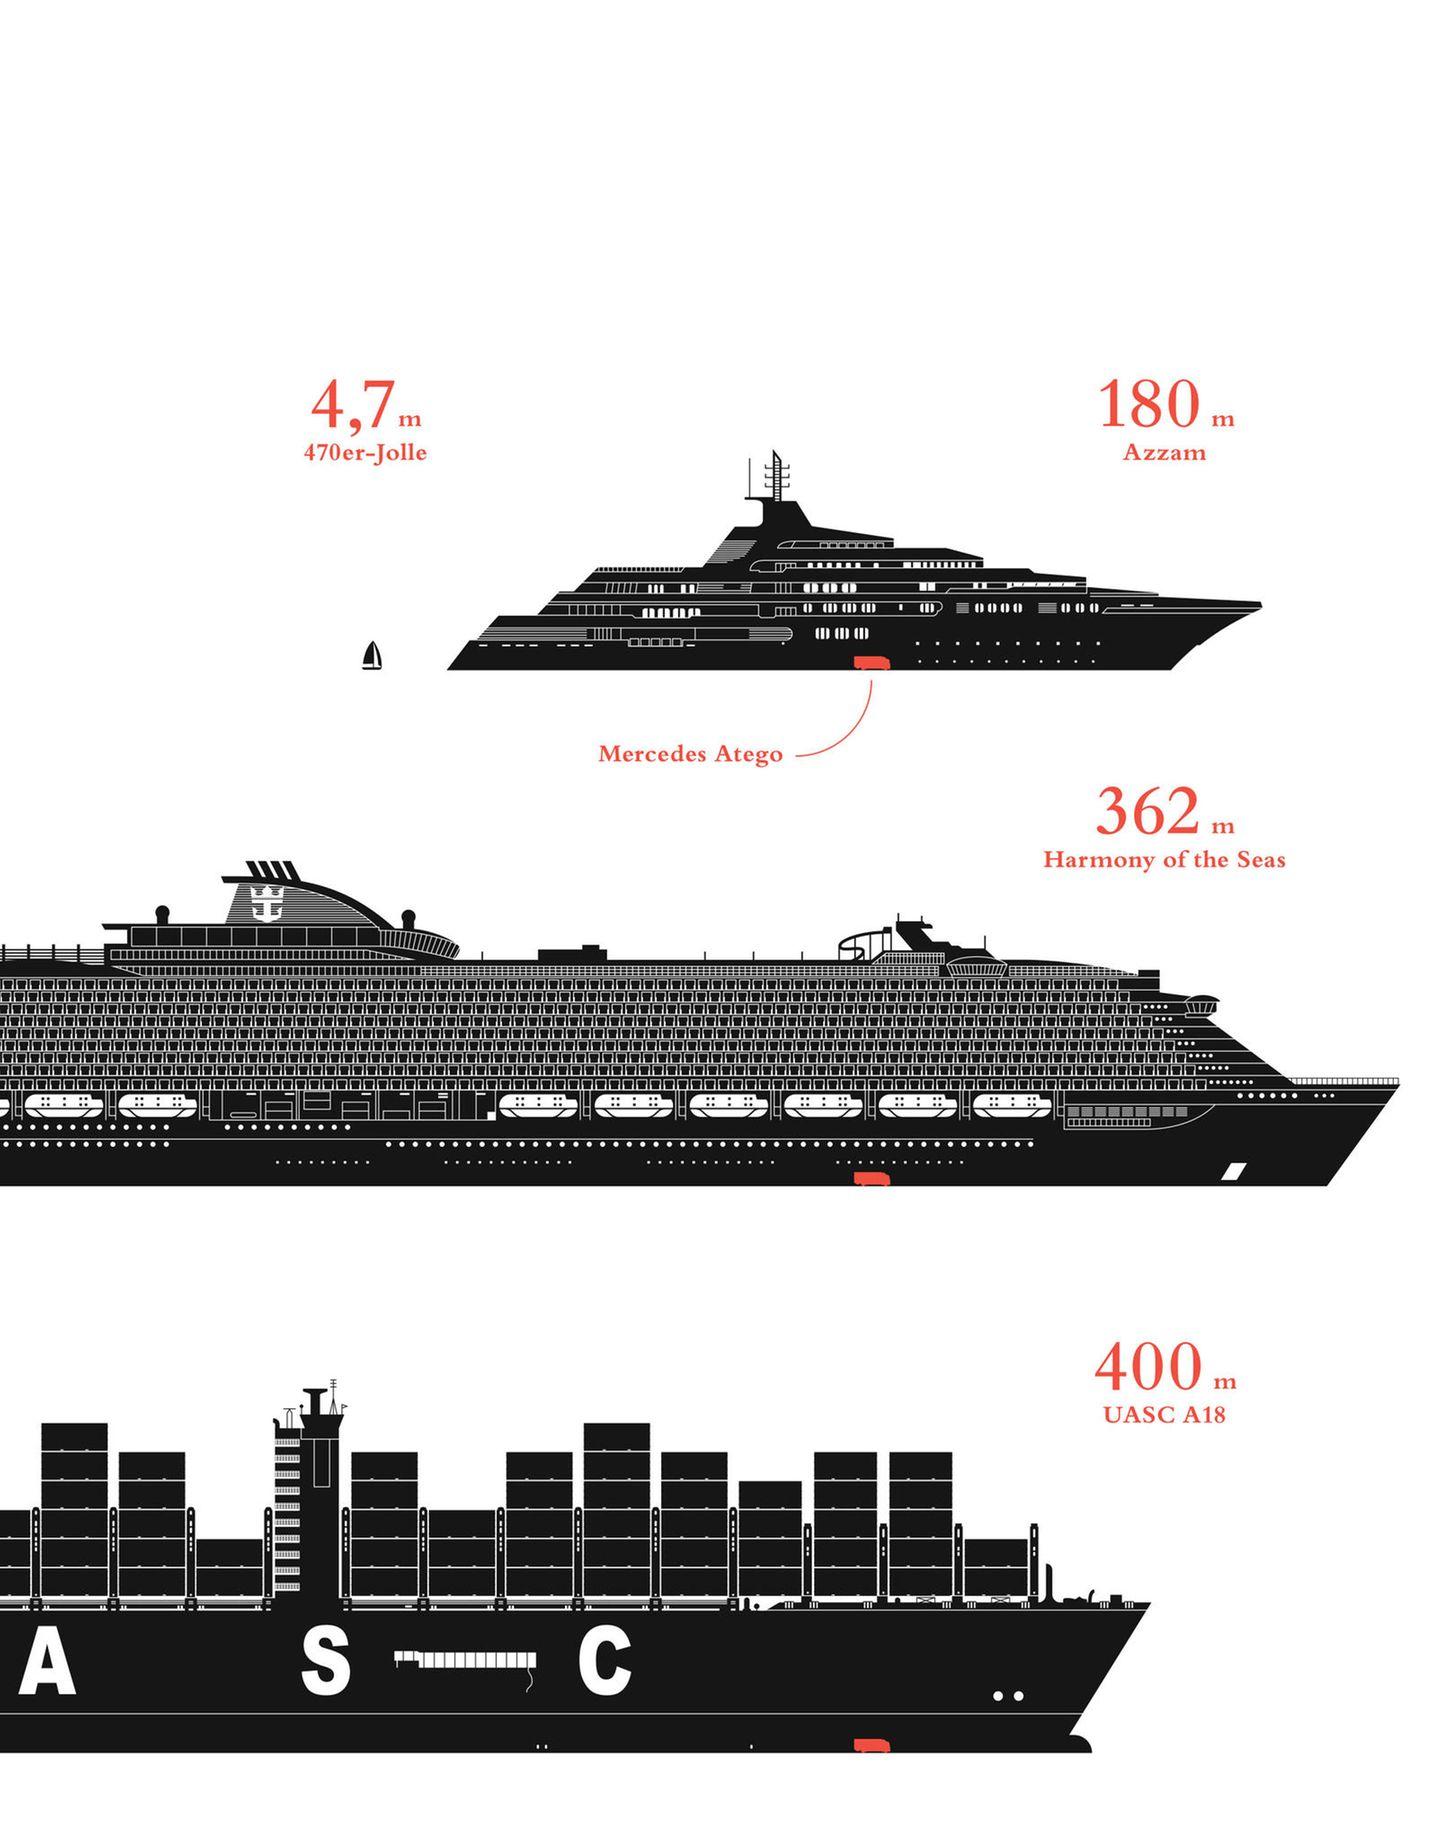 Die Harmony of the Seas ist 362 Meter lang und damit das größte Kreuzfahrtschiff, das je gebaut wurde. Containerschiffe der UASC A19-Klasse (früher A18), sind noch ein Stück länger. Welche Dimensionen diese Schiffe erreichen, das verdeutlicht der Mercedes Atego, der rot in den Bauch der Schiffe eingezeichnet ist.